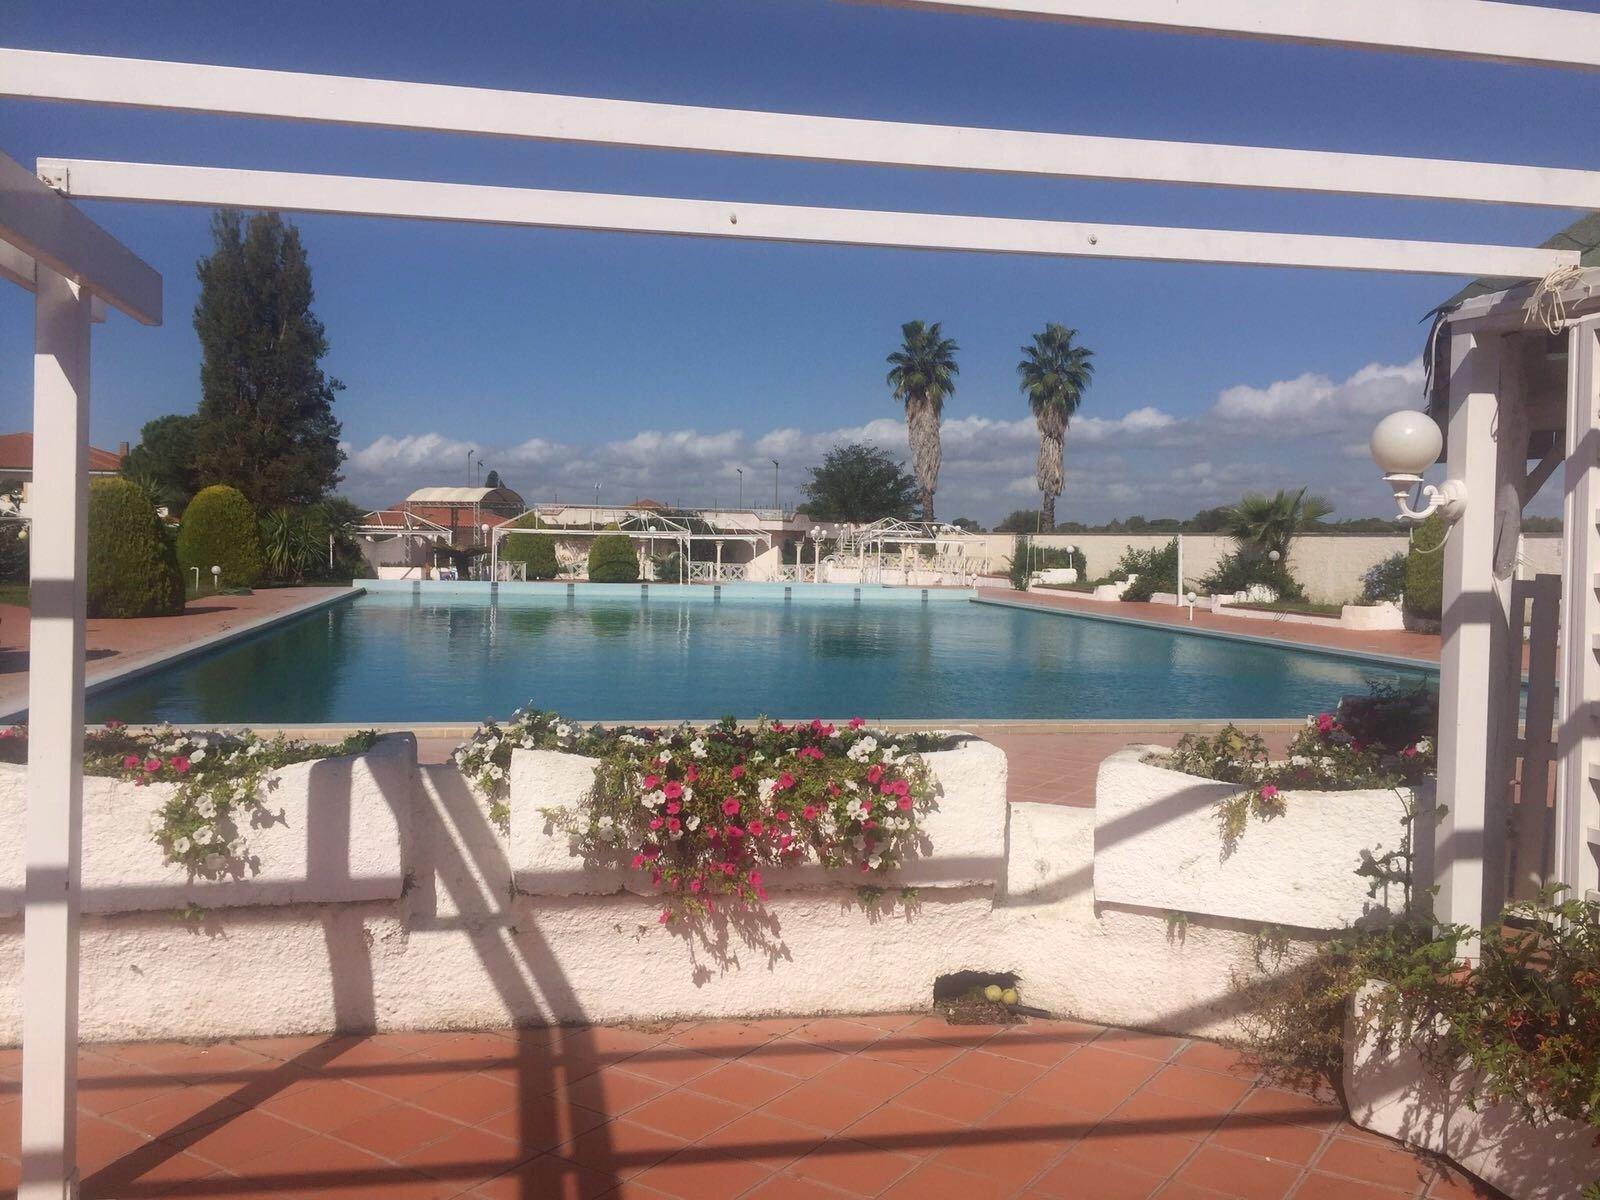 piscina con visuale da lontano